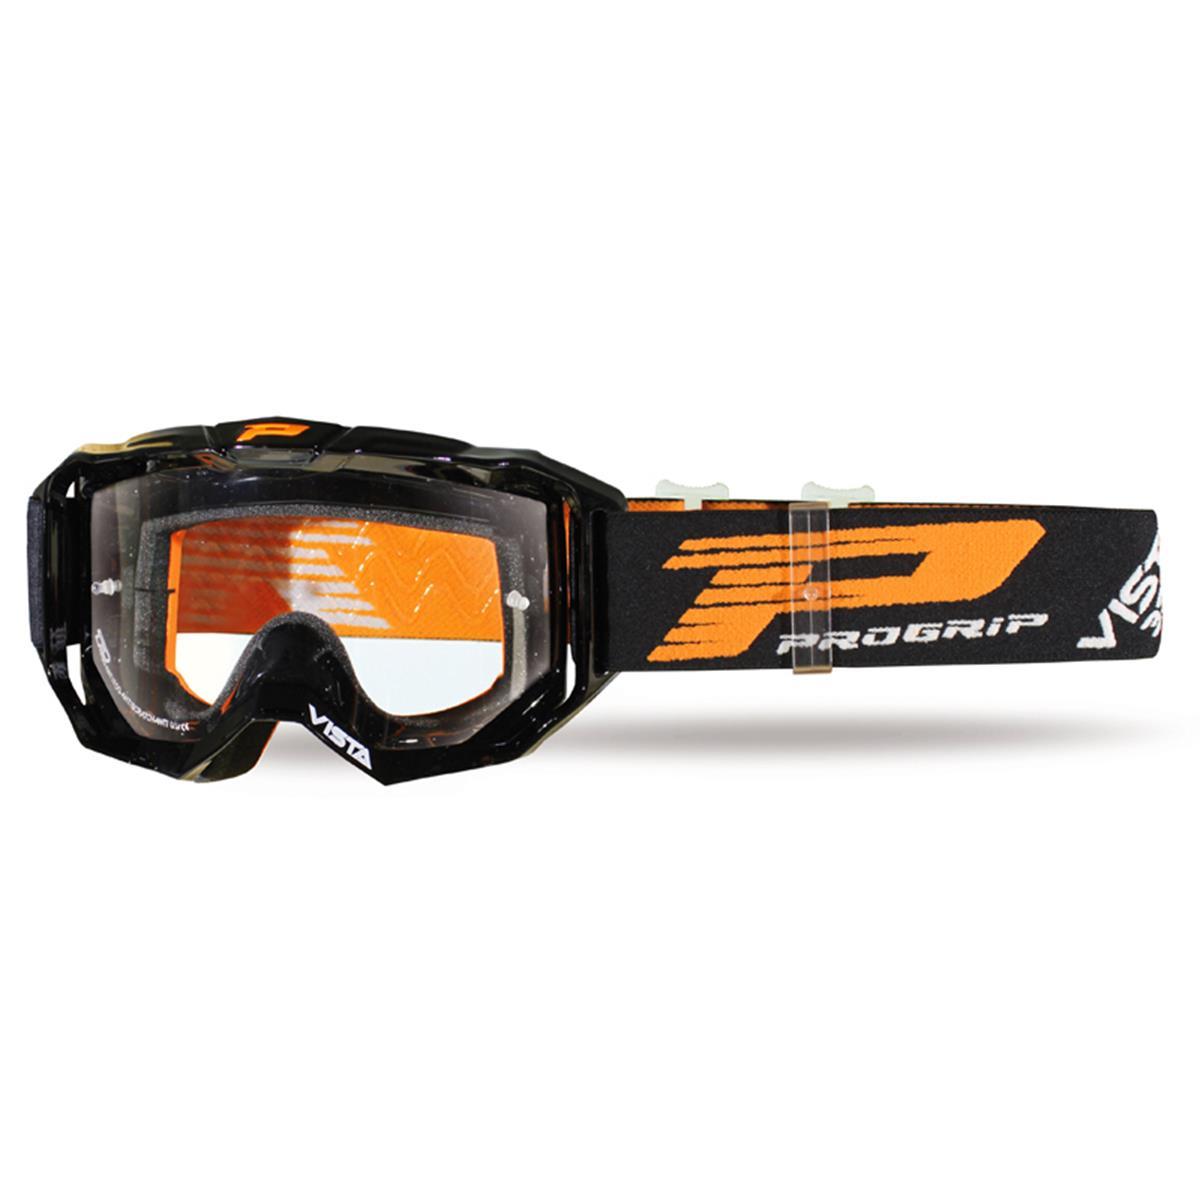 ProGrip Crossbrille 3303 TR Vista Schwarz